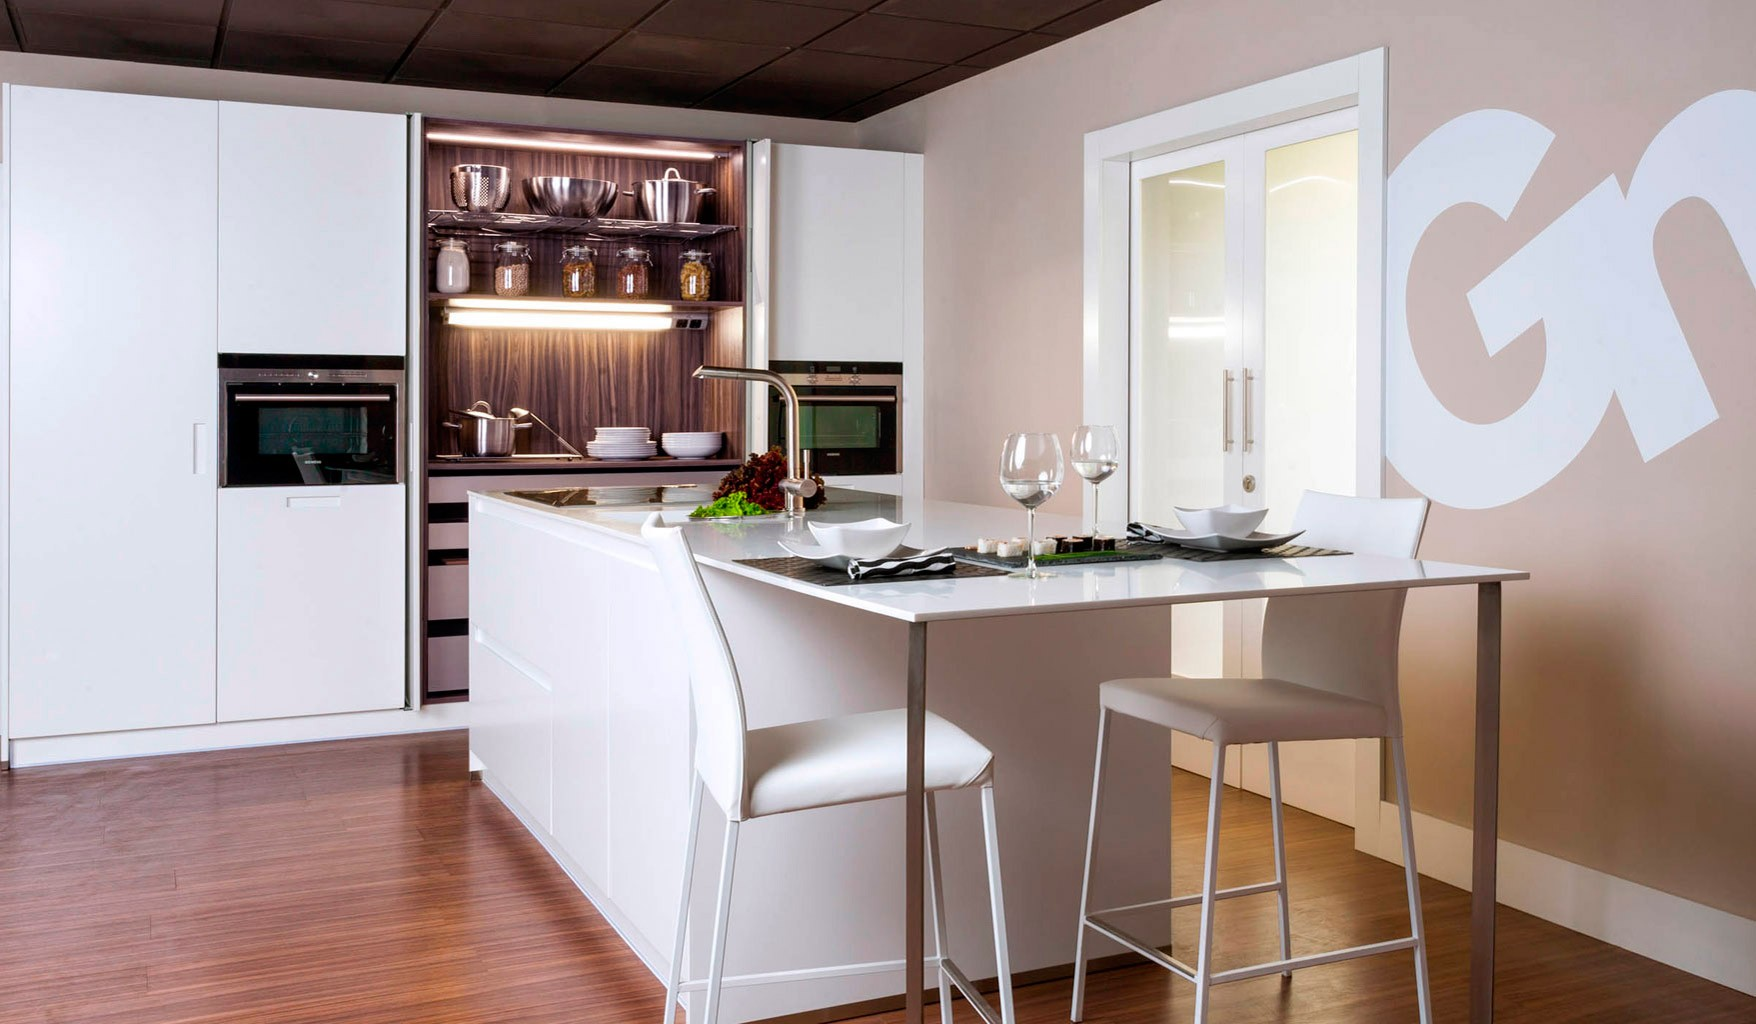 acuario tienda de cocinas en collado villalba muebles